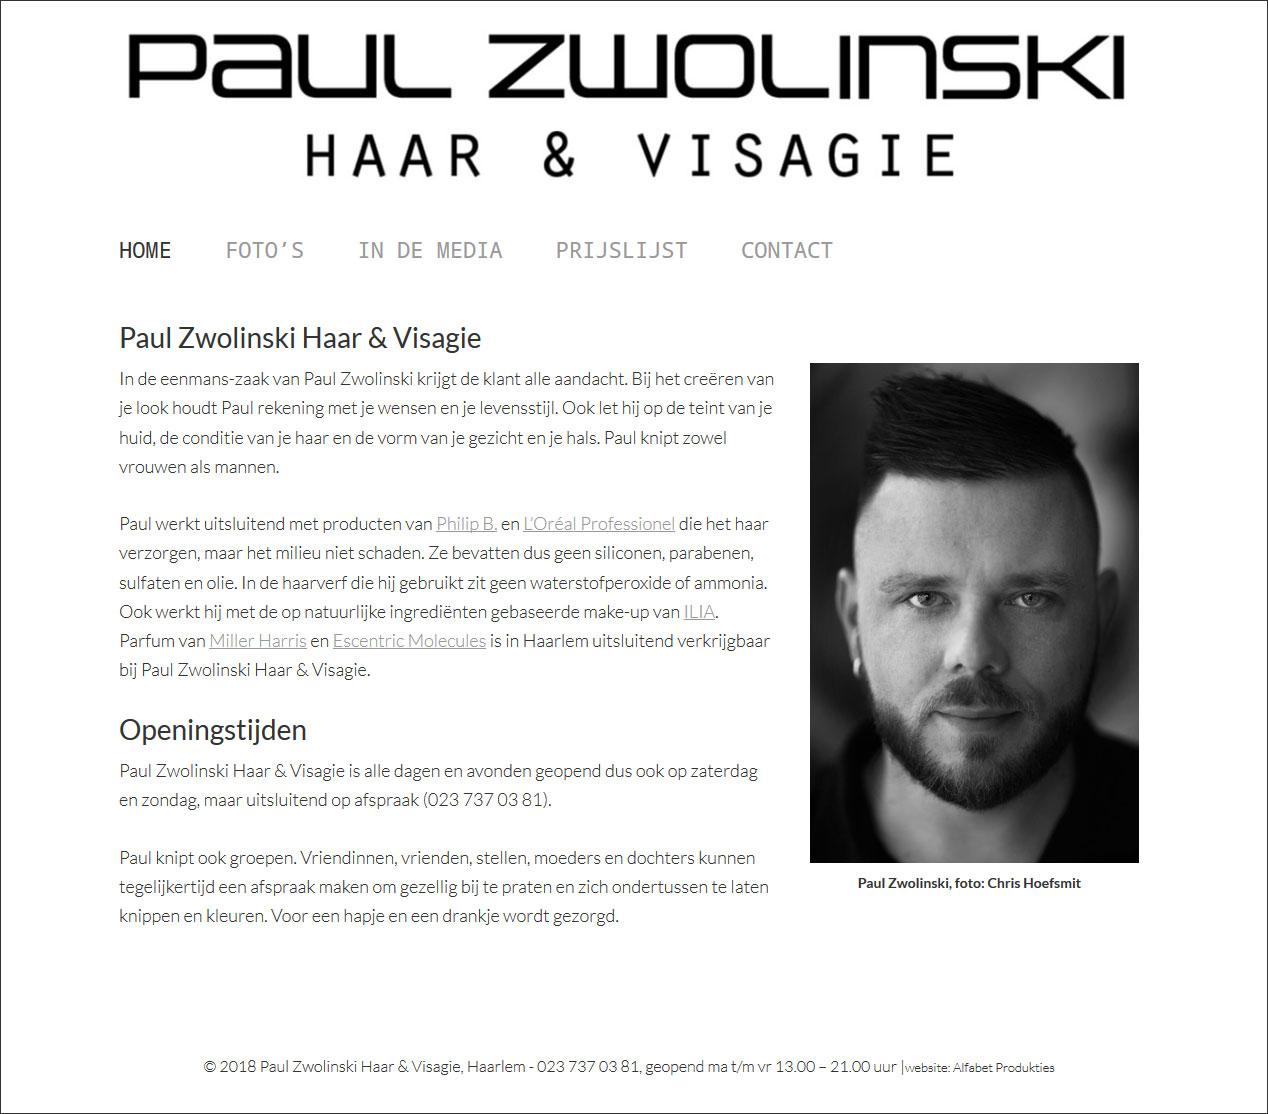 website Paul Zwolinski Haar & Visagie door Alfabet Produkties